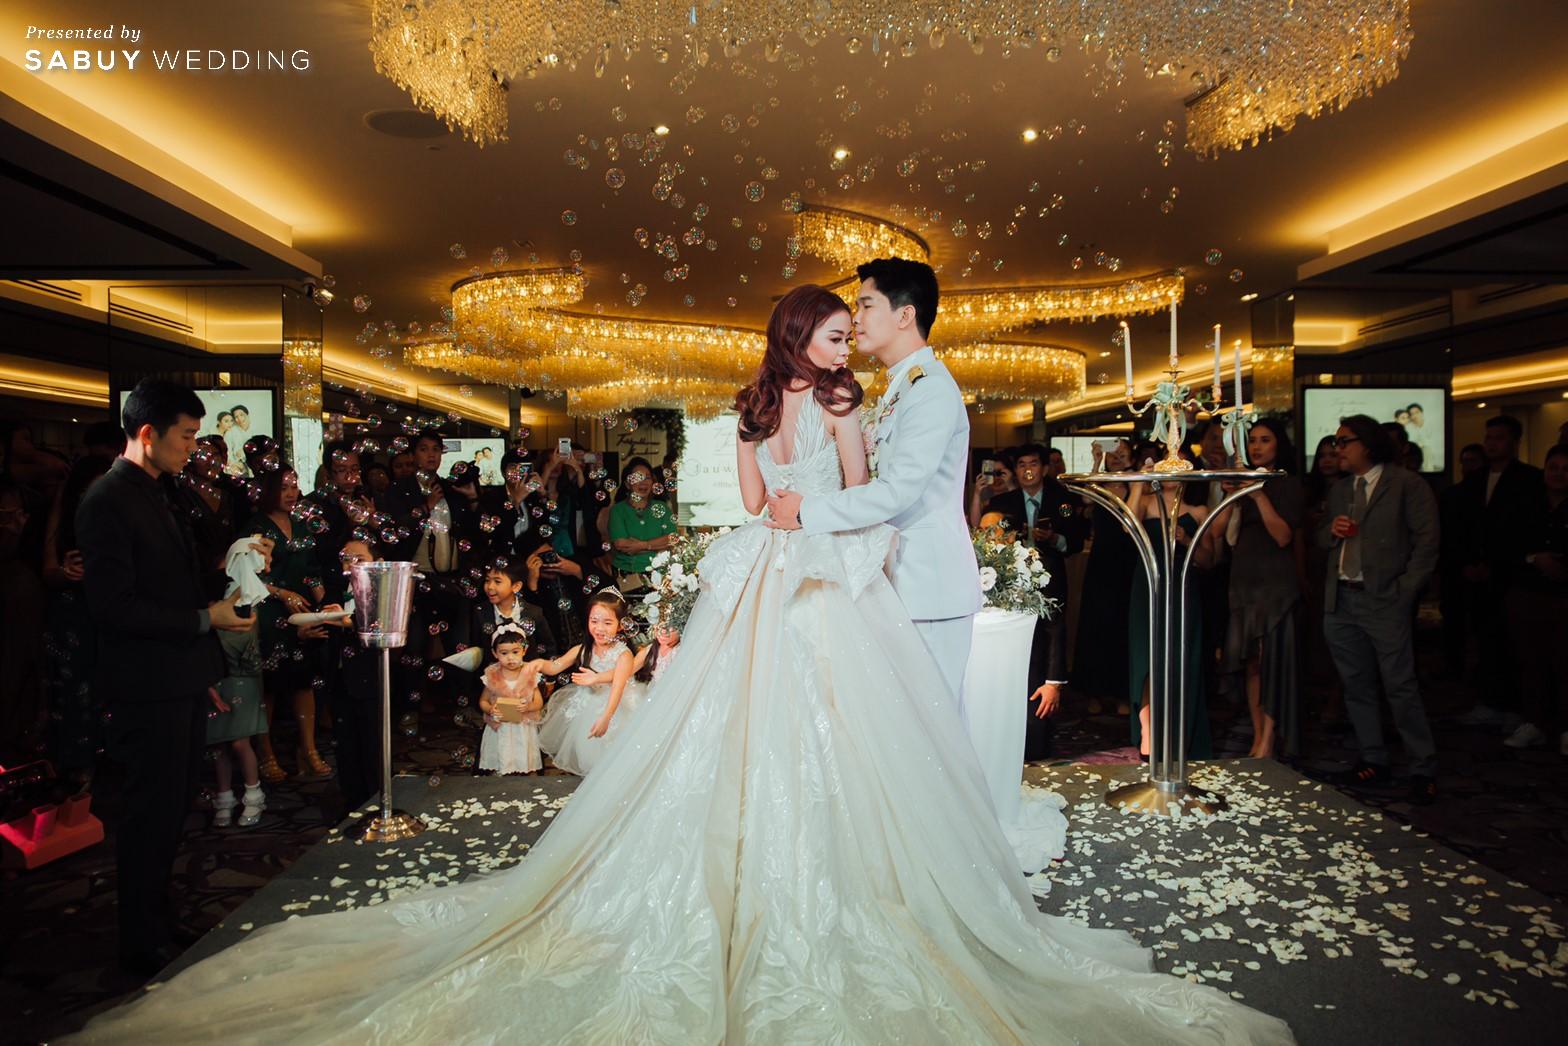 เจ้าสาว,เจ้าบ่าว รีวิวงานแต่งริมน้ำสุดอบอุ่น สวยละมุนในโทนขาวเขียว @ Chatrium Hotel Riverside Bangkok